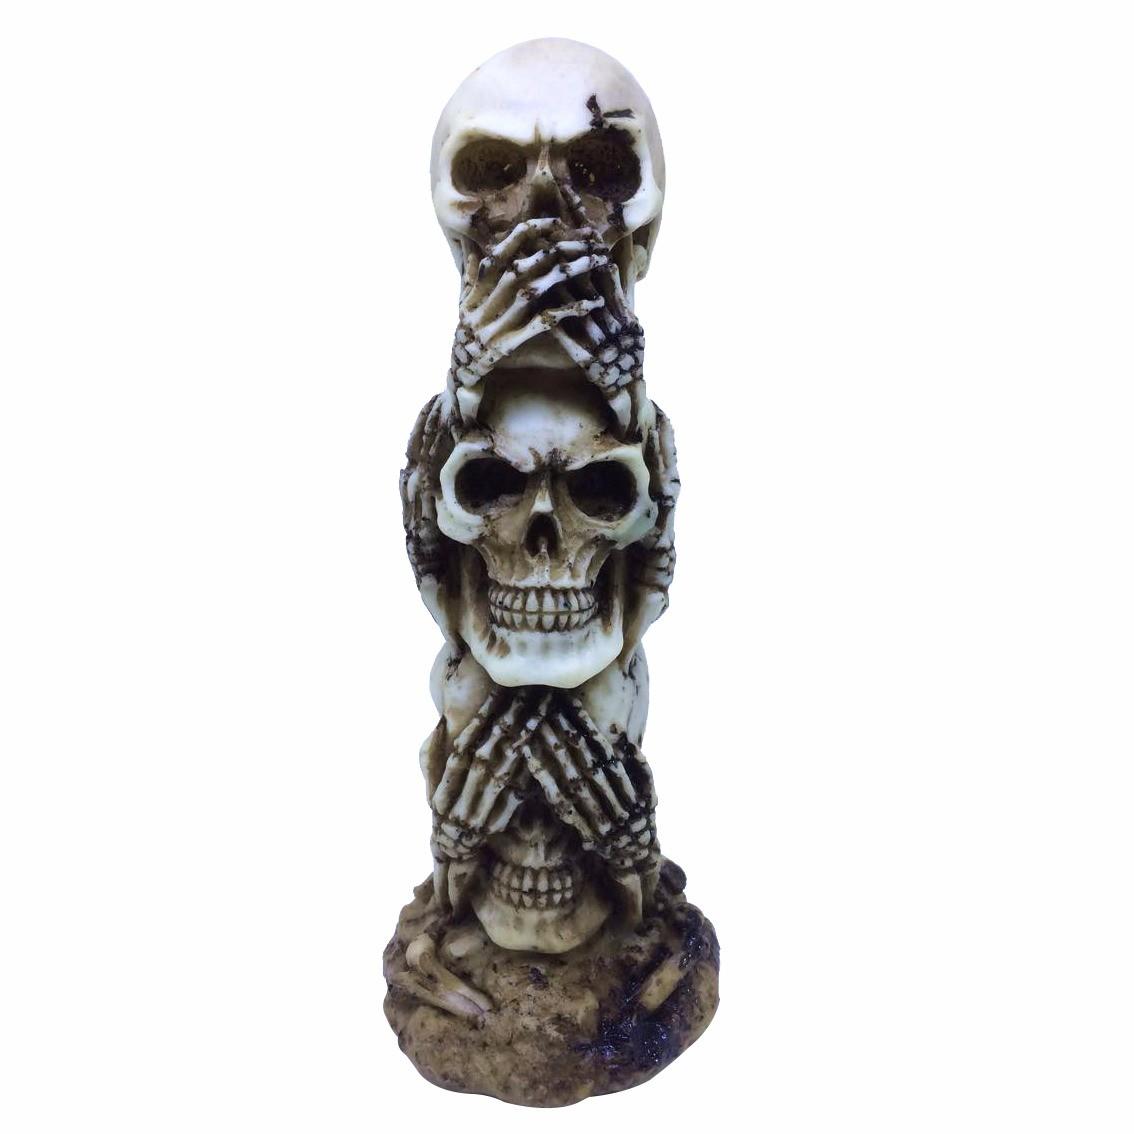 Enfeite Caveira (Skull) Empilhado:(Não Vejo, Não Escuto e Não Falo)